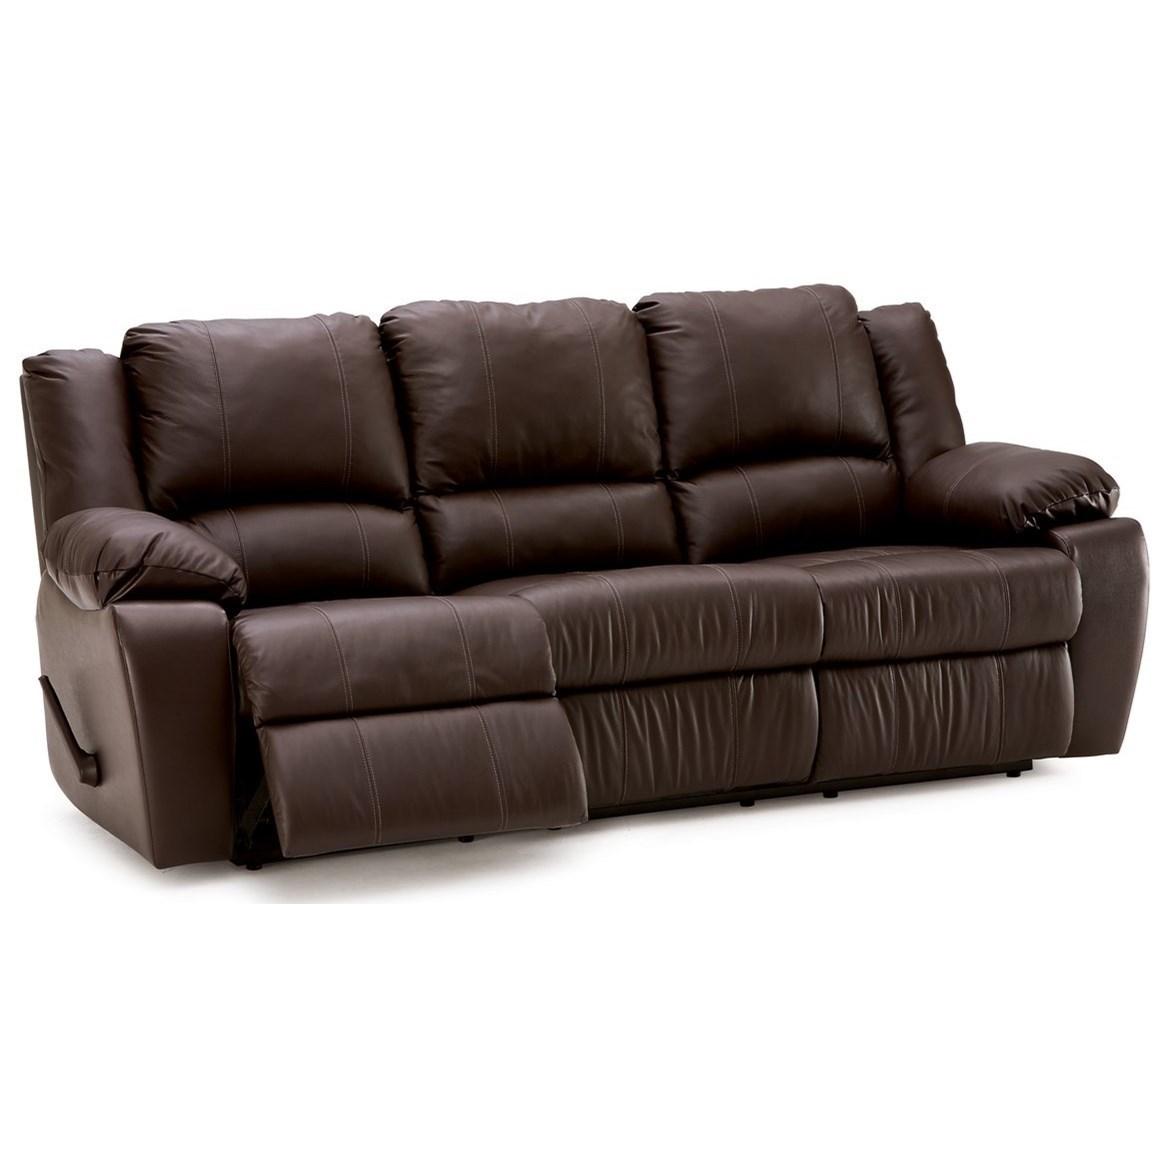 Sofa Recliner, Drop Table